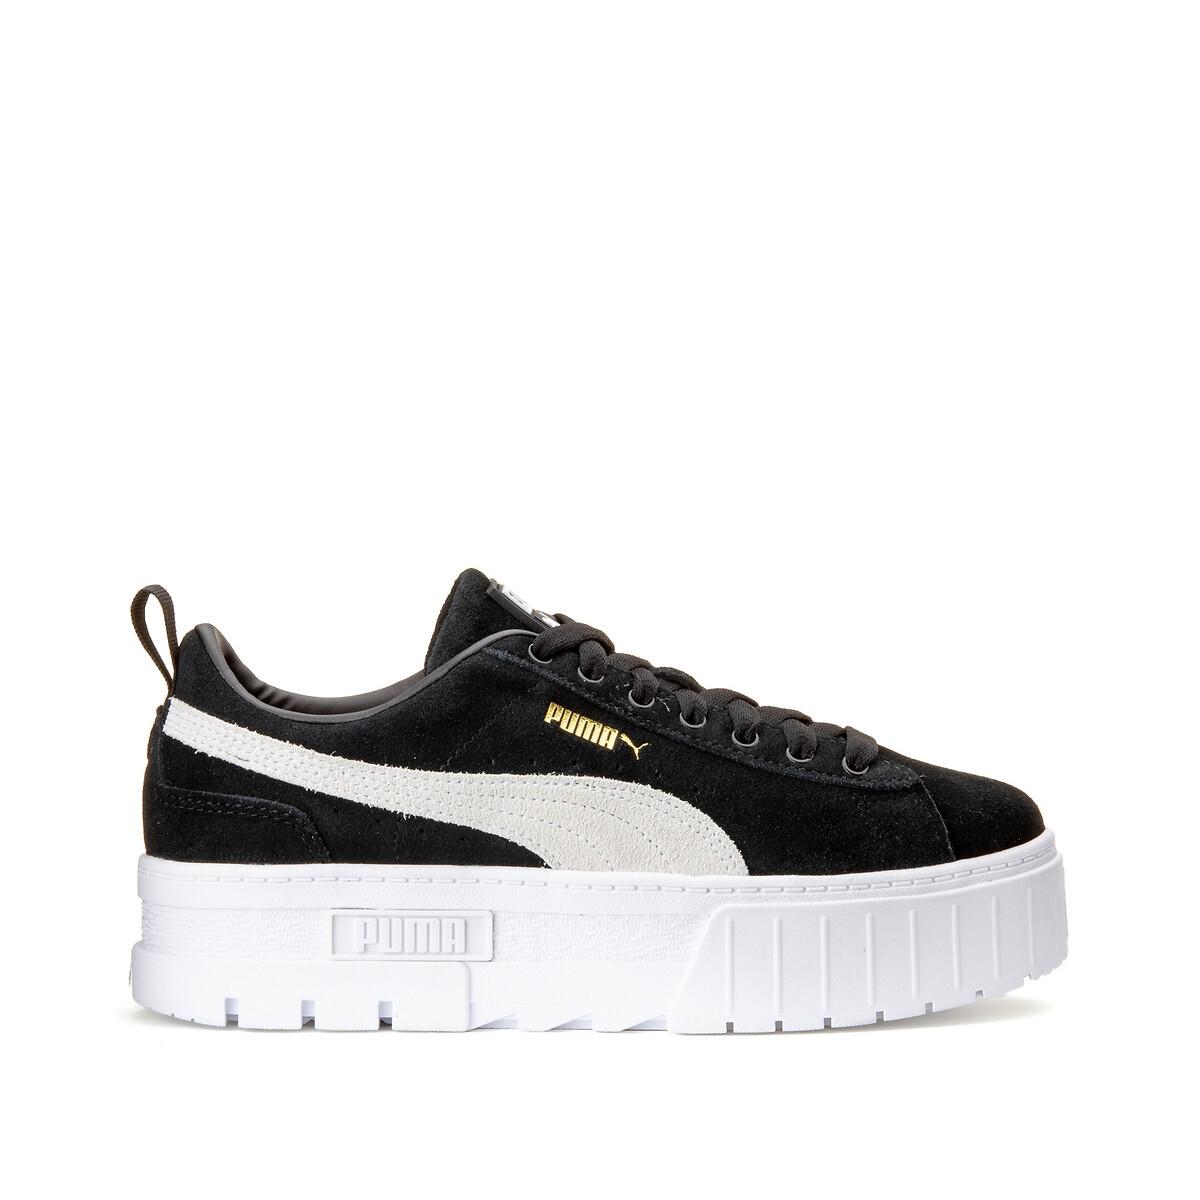 Puma Mayze sneakers zwart/wit online kopen